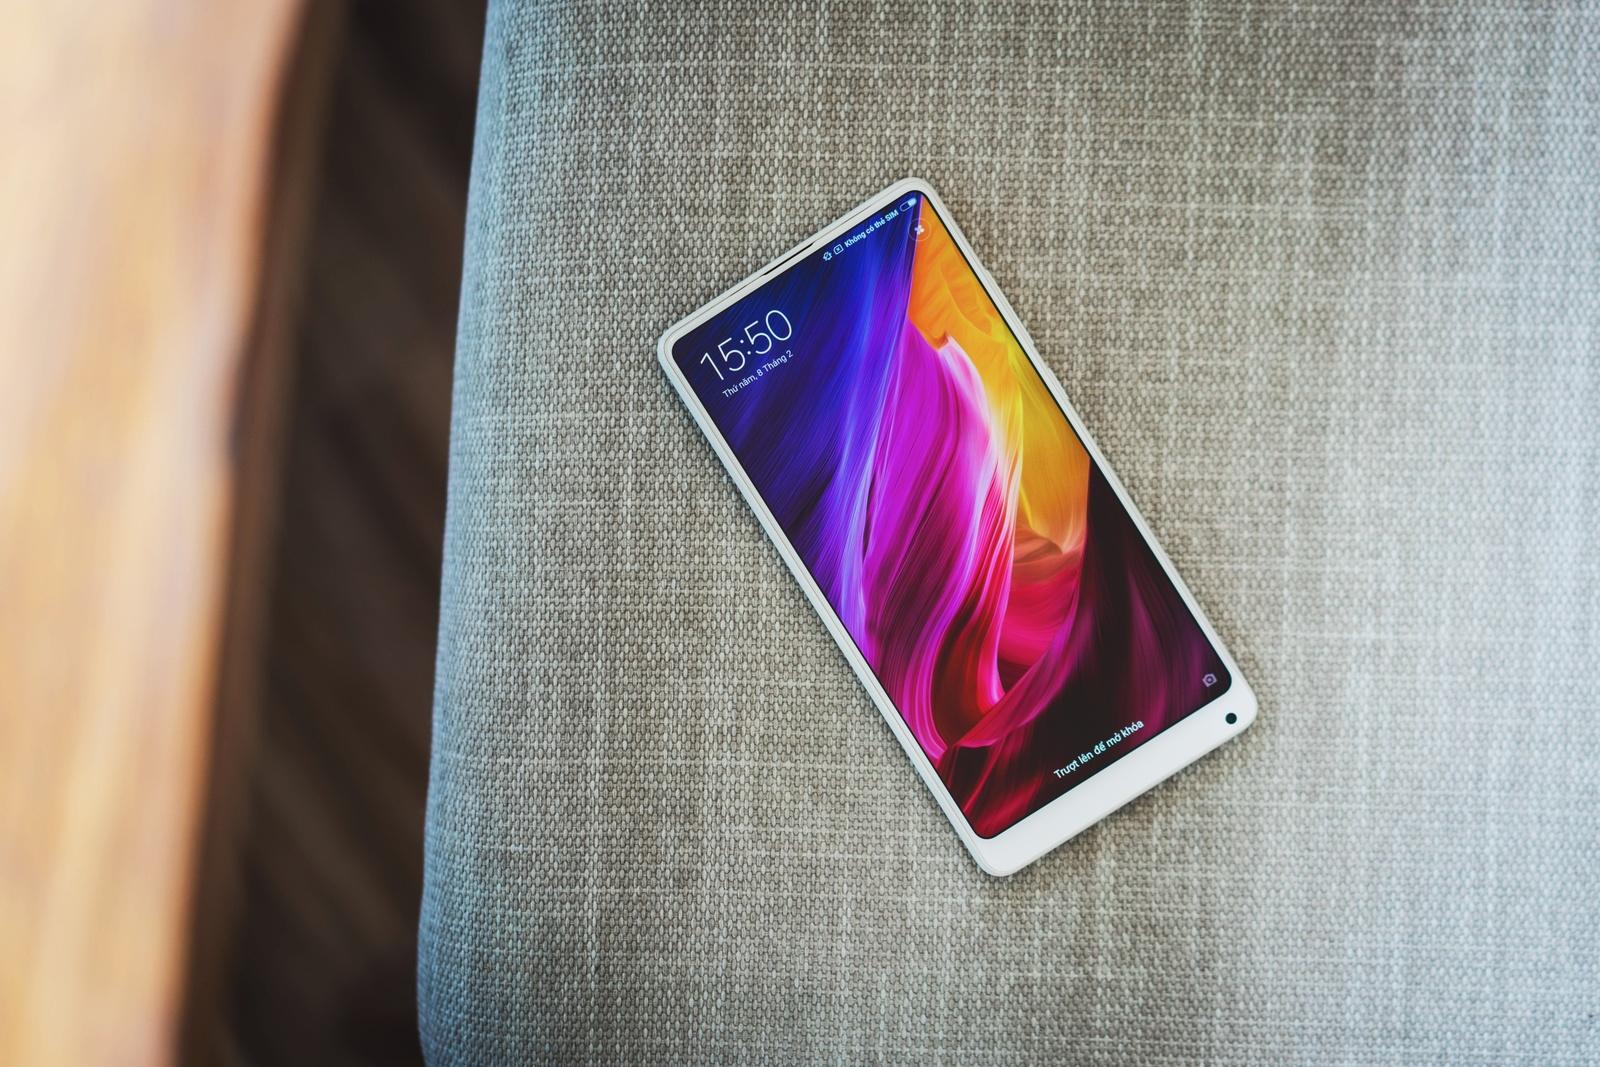 Rò rỉ bản rom MIUI beta cho Xiaomi Mi Mix 2 với giao diện mới, điều khiển bằng cử chỉ vuốt